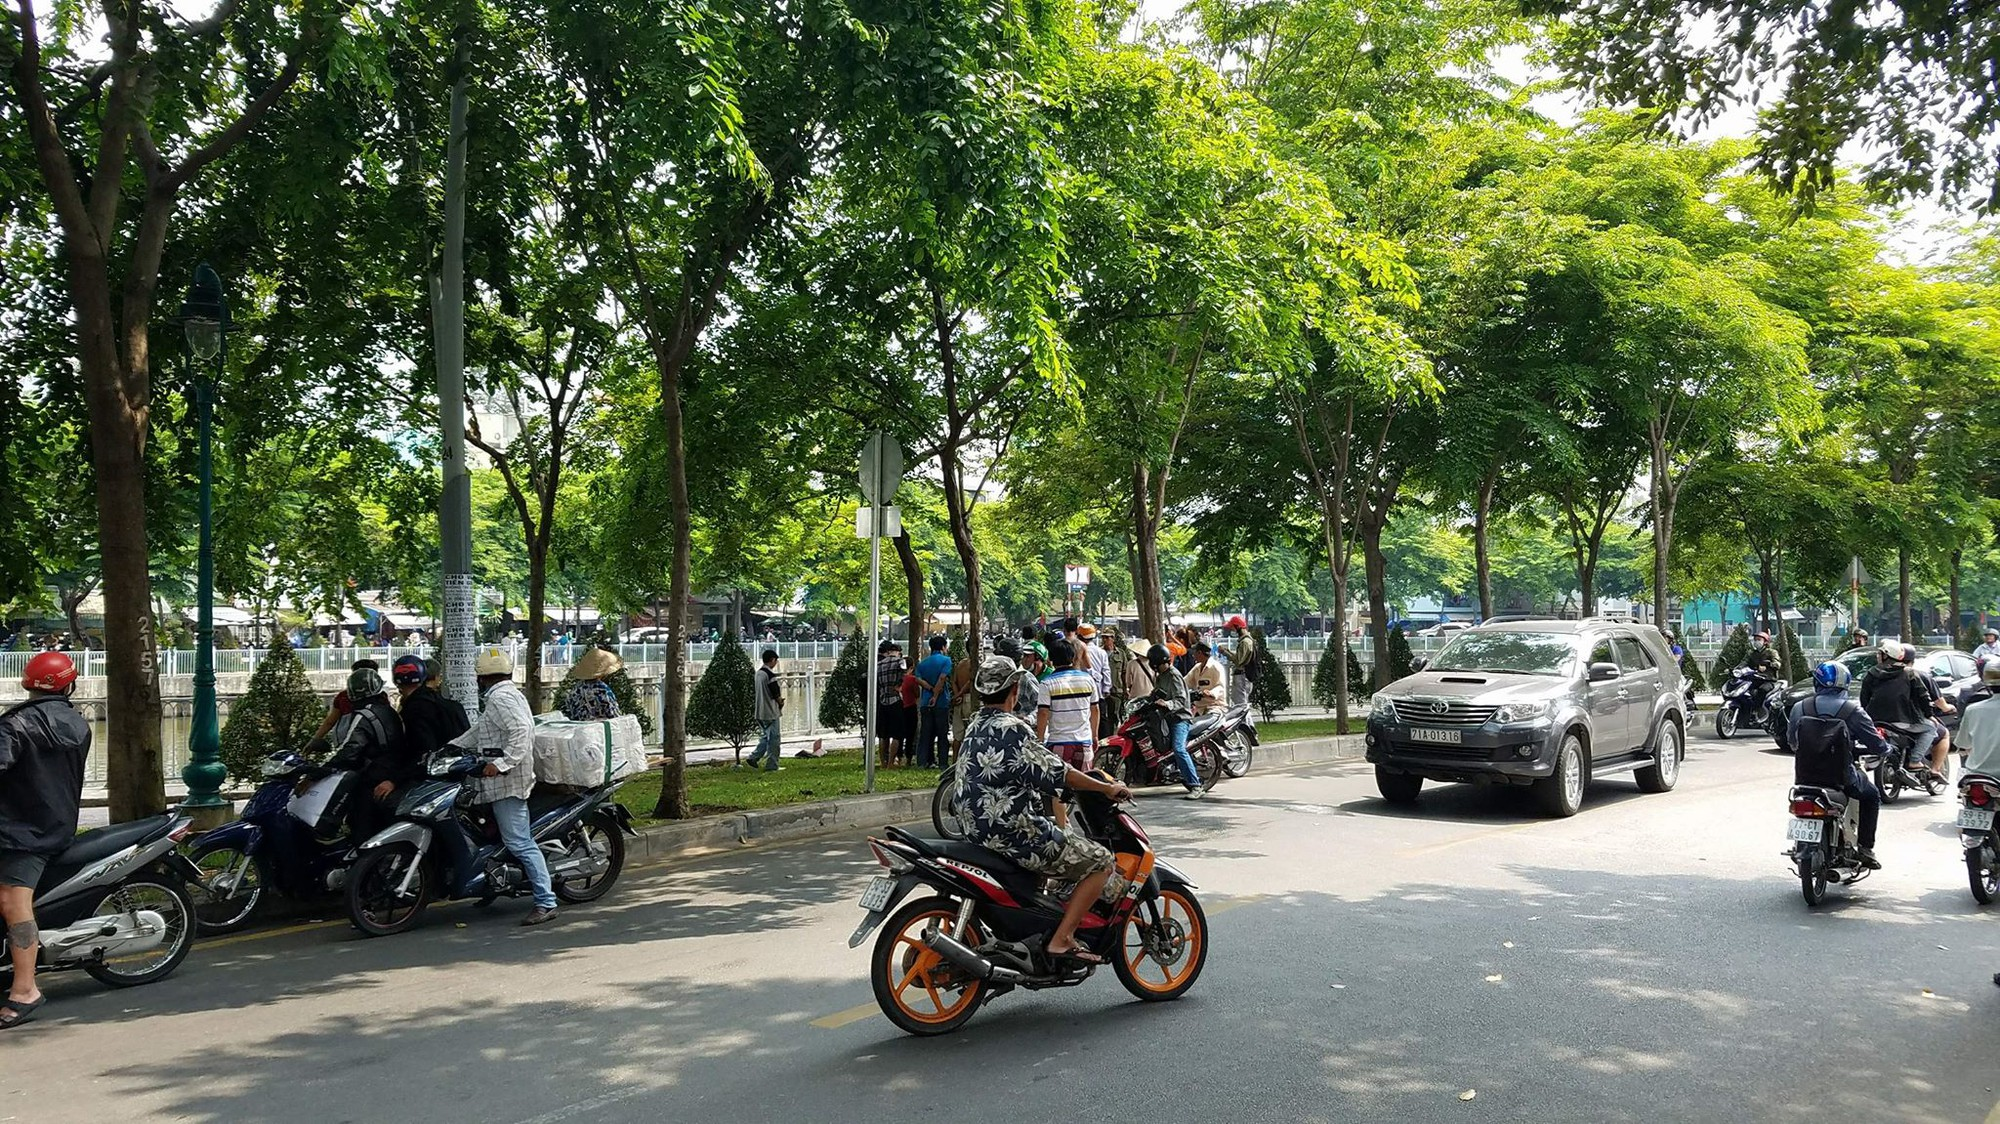 Cô giáo trường THPT Võ Thị Sáu nghi bị nam đồng nghiệp sát hại giữa đường phố Sài Gòn - Ảnh 2.